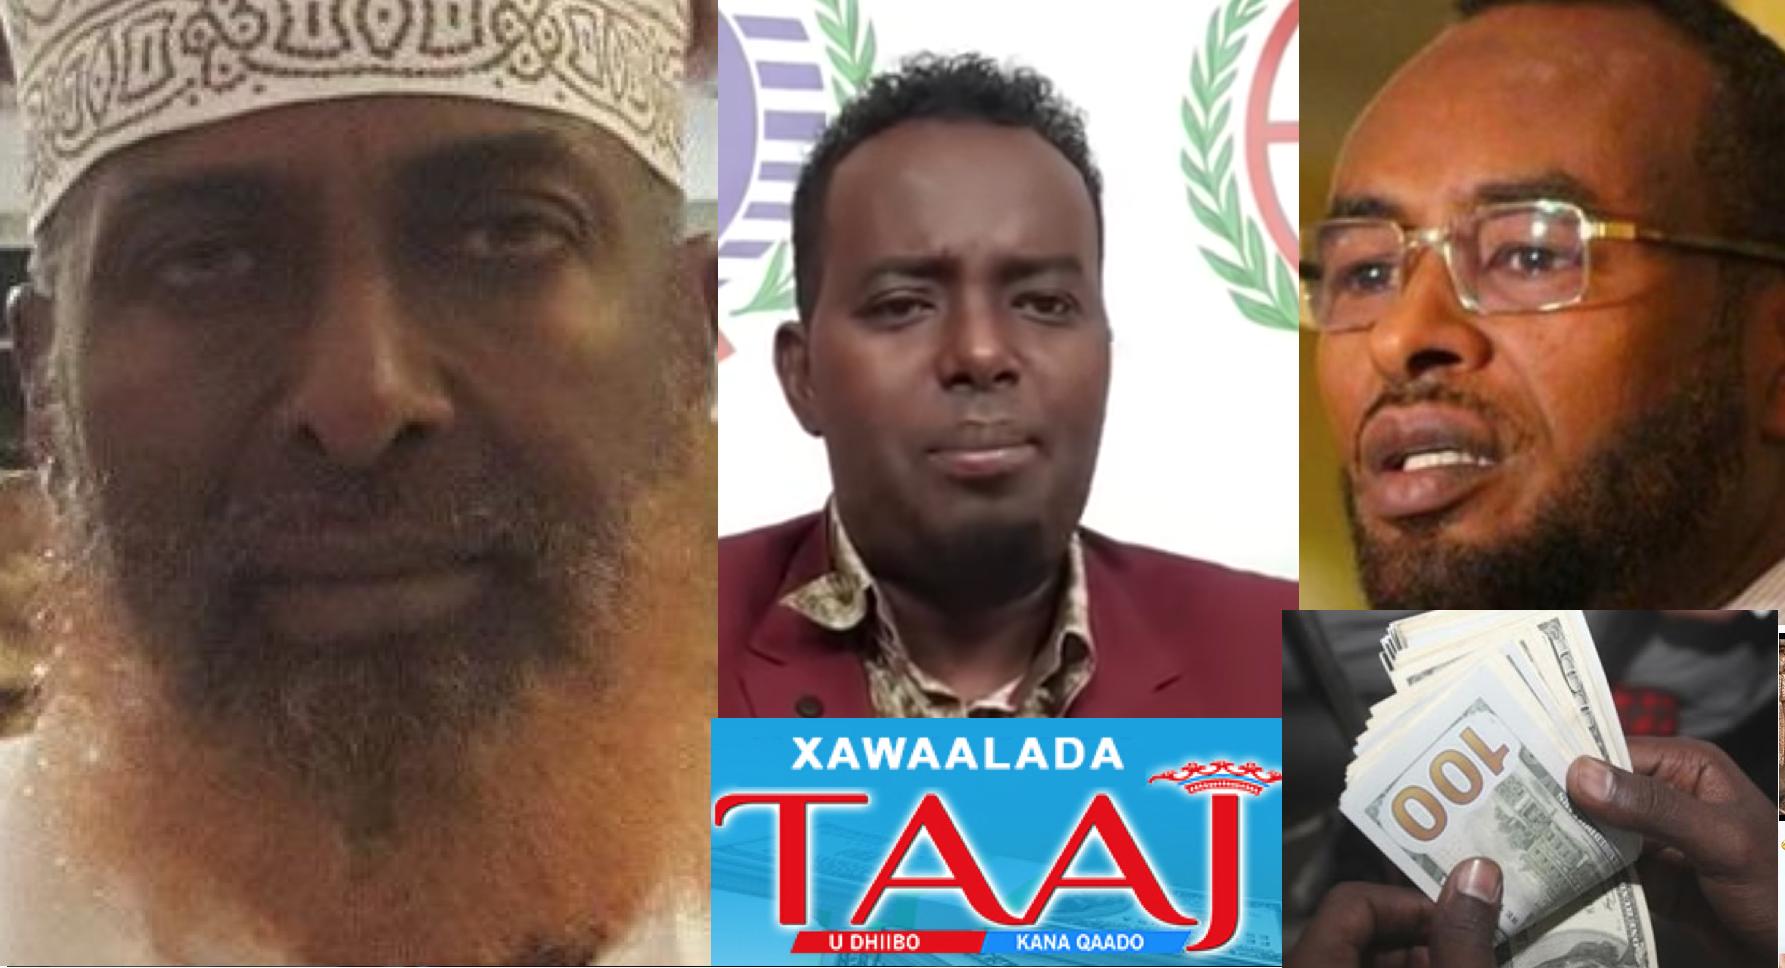 [DAAWO] Dood kulul Xilka qaadistii Xeer ilaaliyaha iyo halista Taaj Express Hormuud Telecom